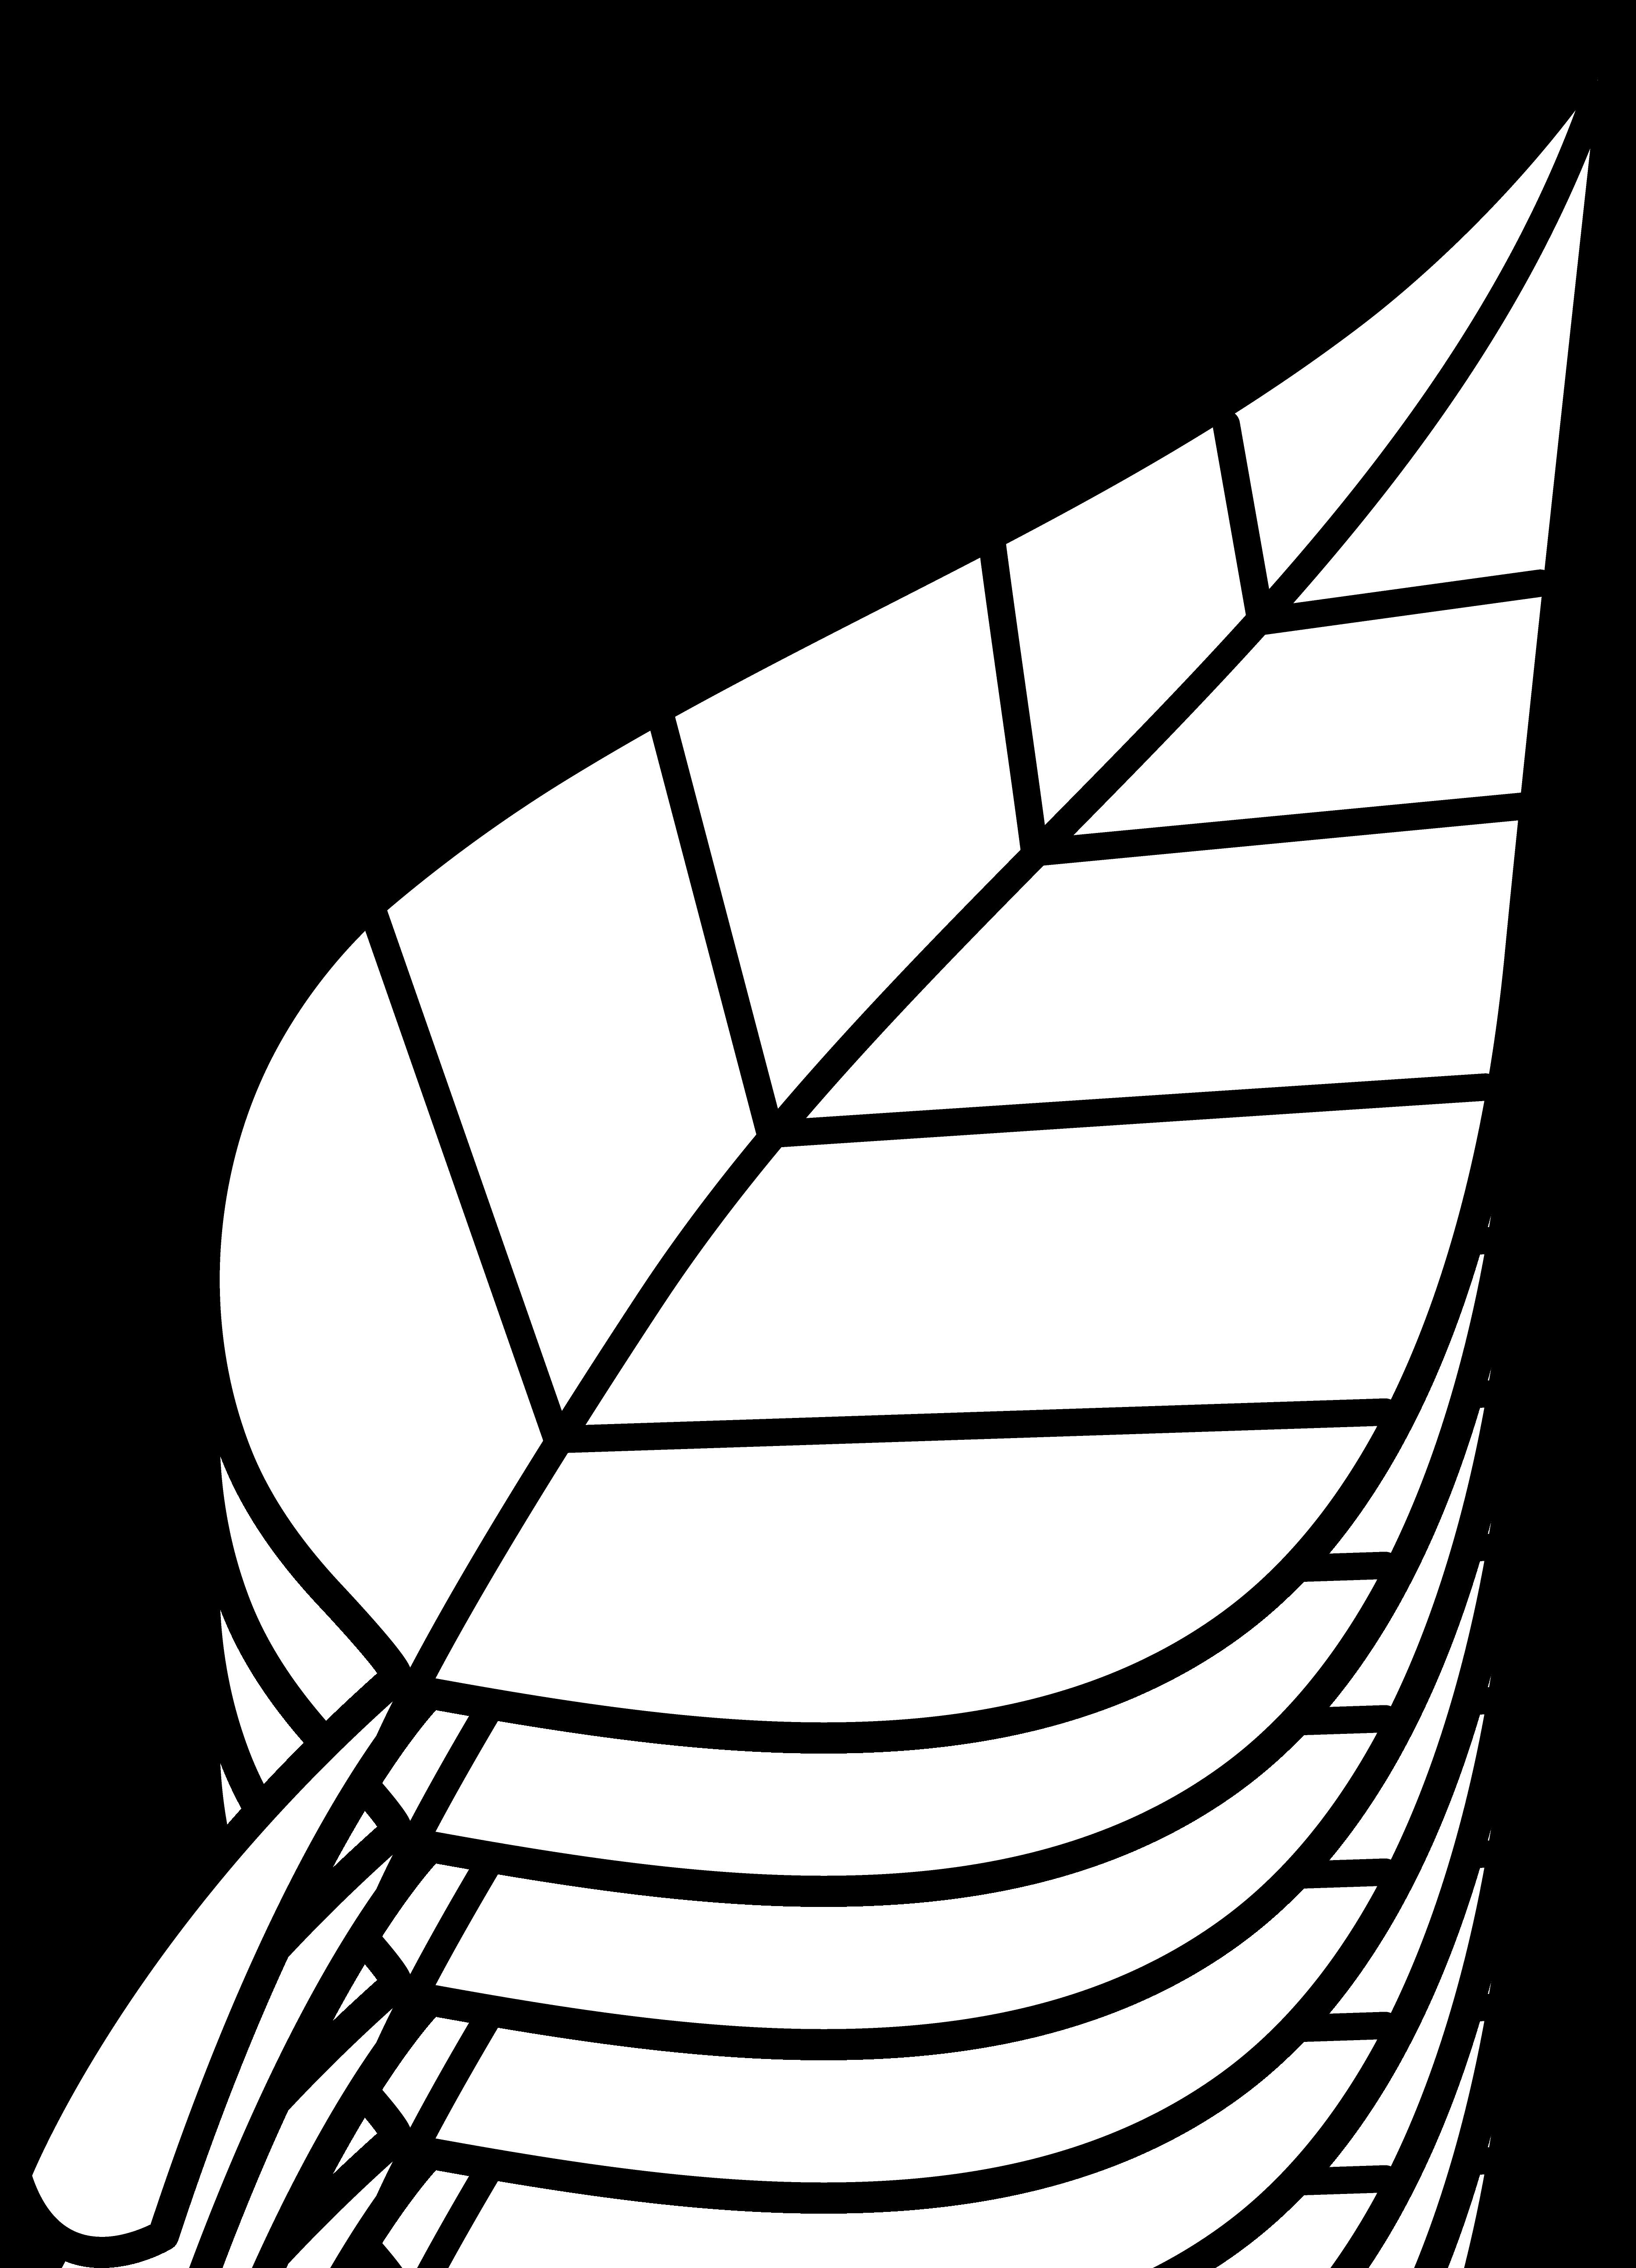 Leaf Clip Art Outline Clipart Panda Free Clipart Images